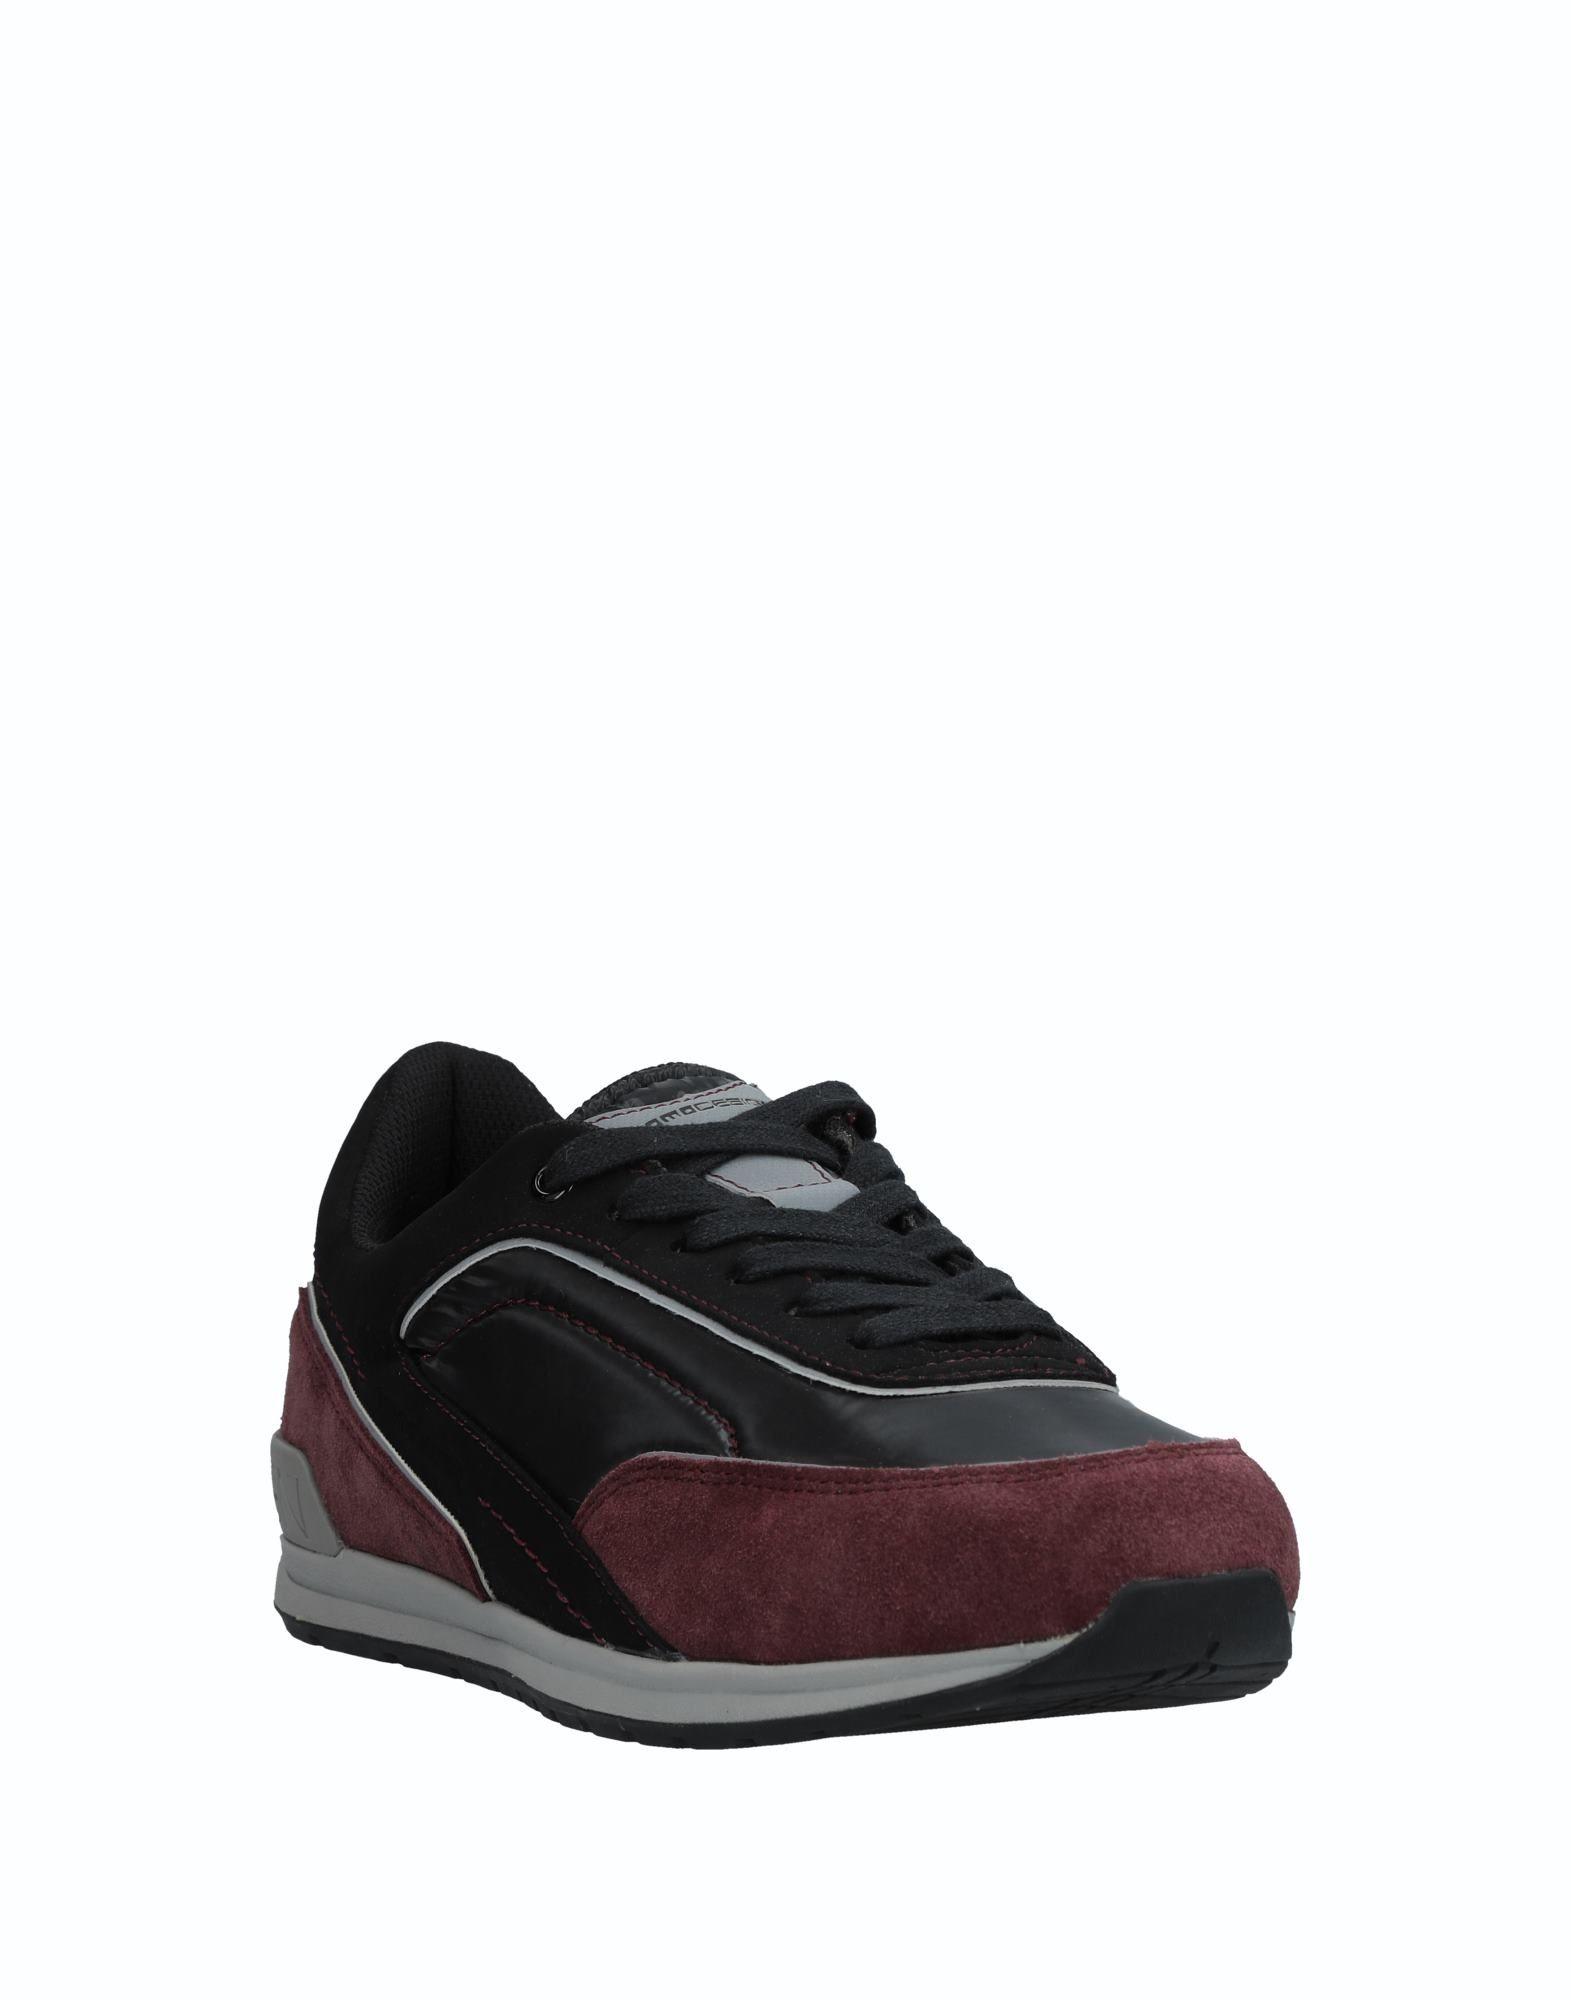 Momo Design Sneakers Herren 11520242WN  11520242WN Herren 3ccb3a